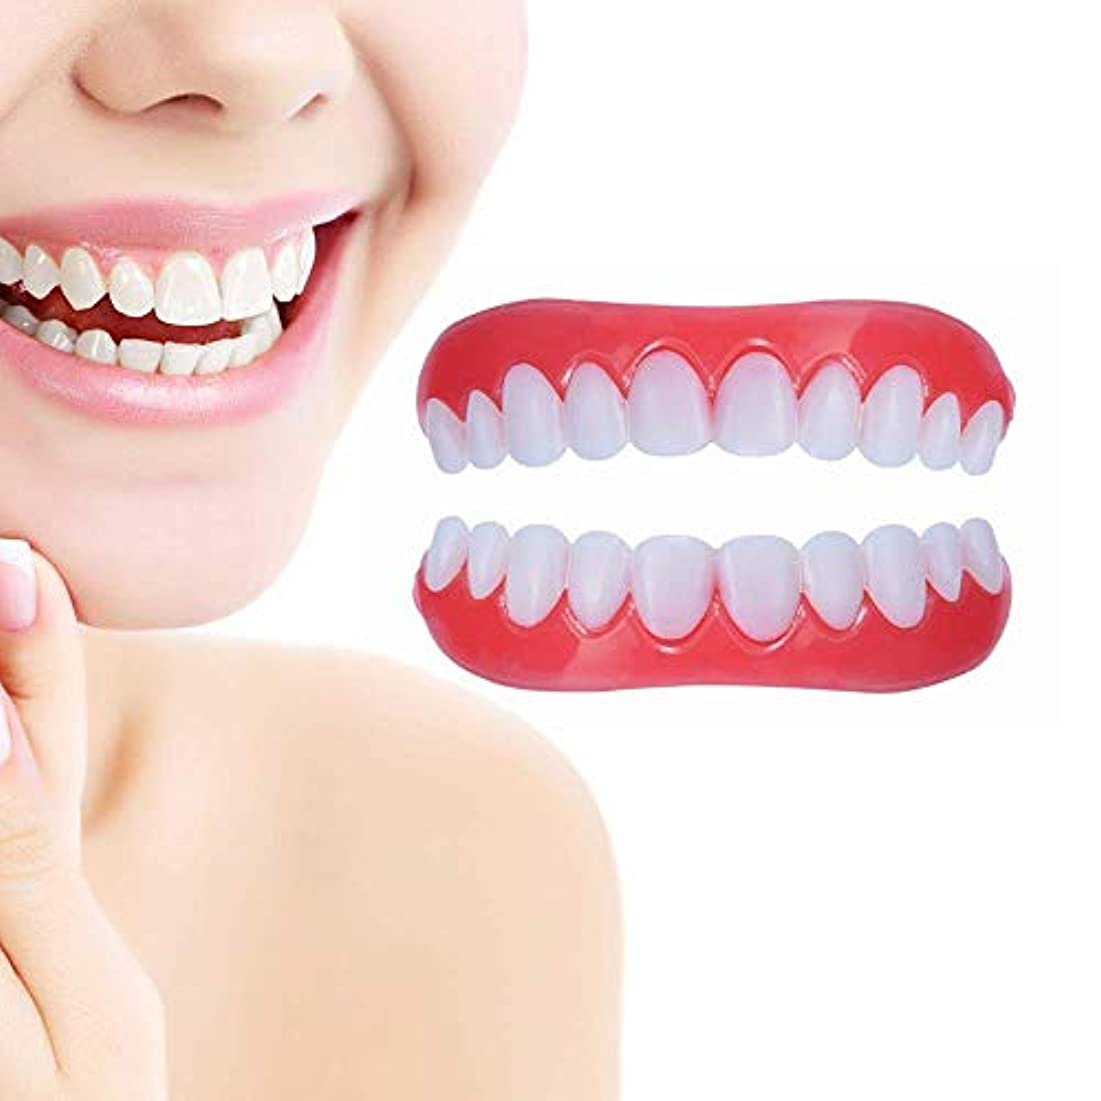 海藻道路を作るプロセス予防接種仮装用義歯義歯用化粧品シミュレートされたブレース上部ブレース+下部ブレース、ホワイトニング歯スナップキャップ,5pairs